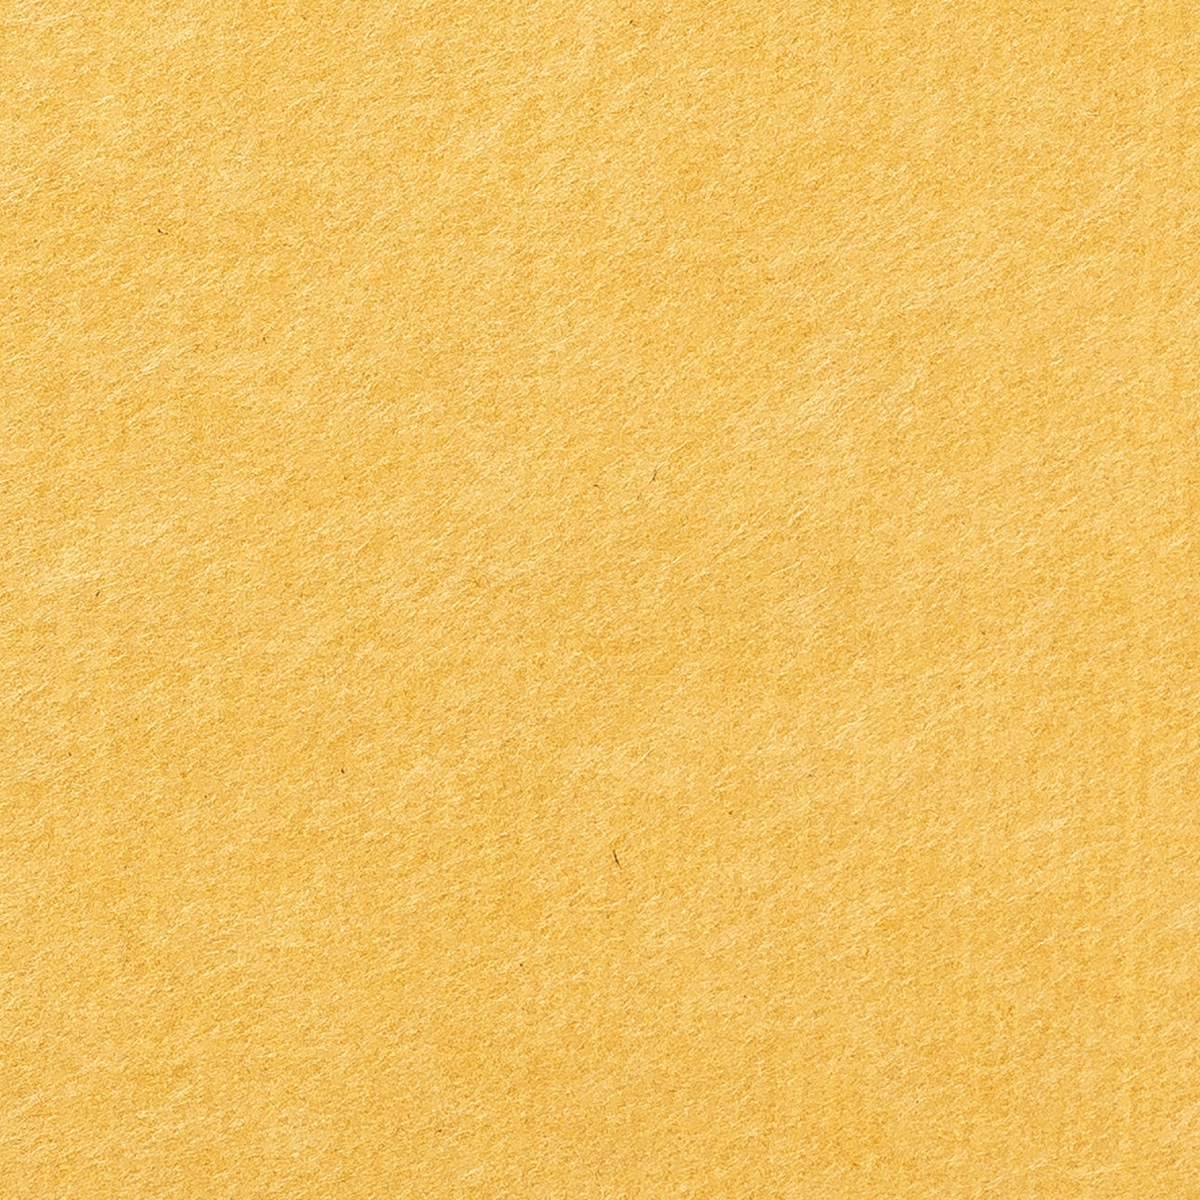 備中 三椏紙 中厚 本染紙 楊梅皮(黄金色)